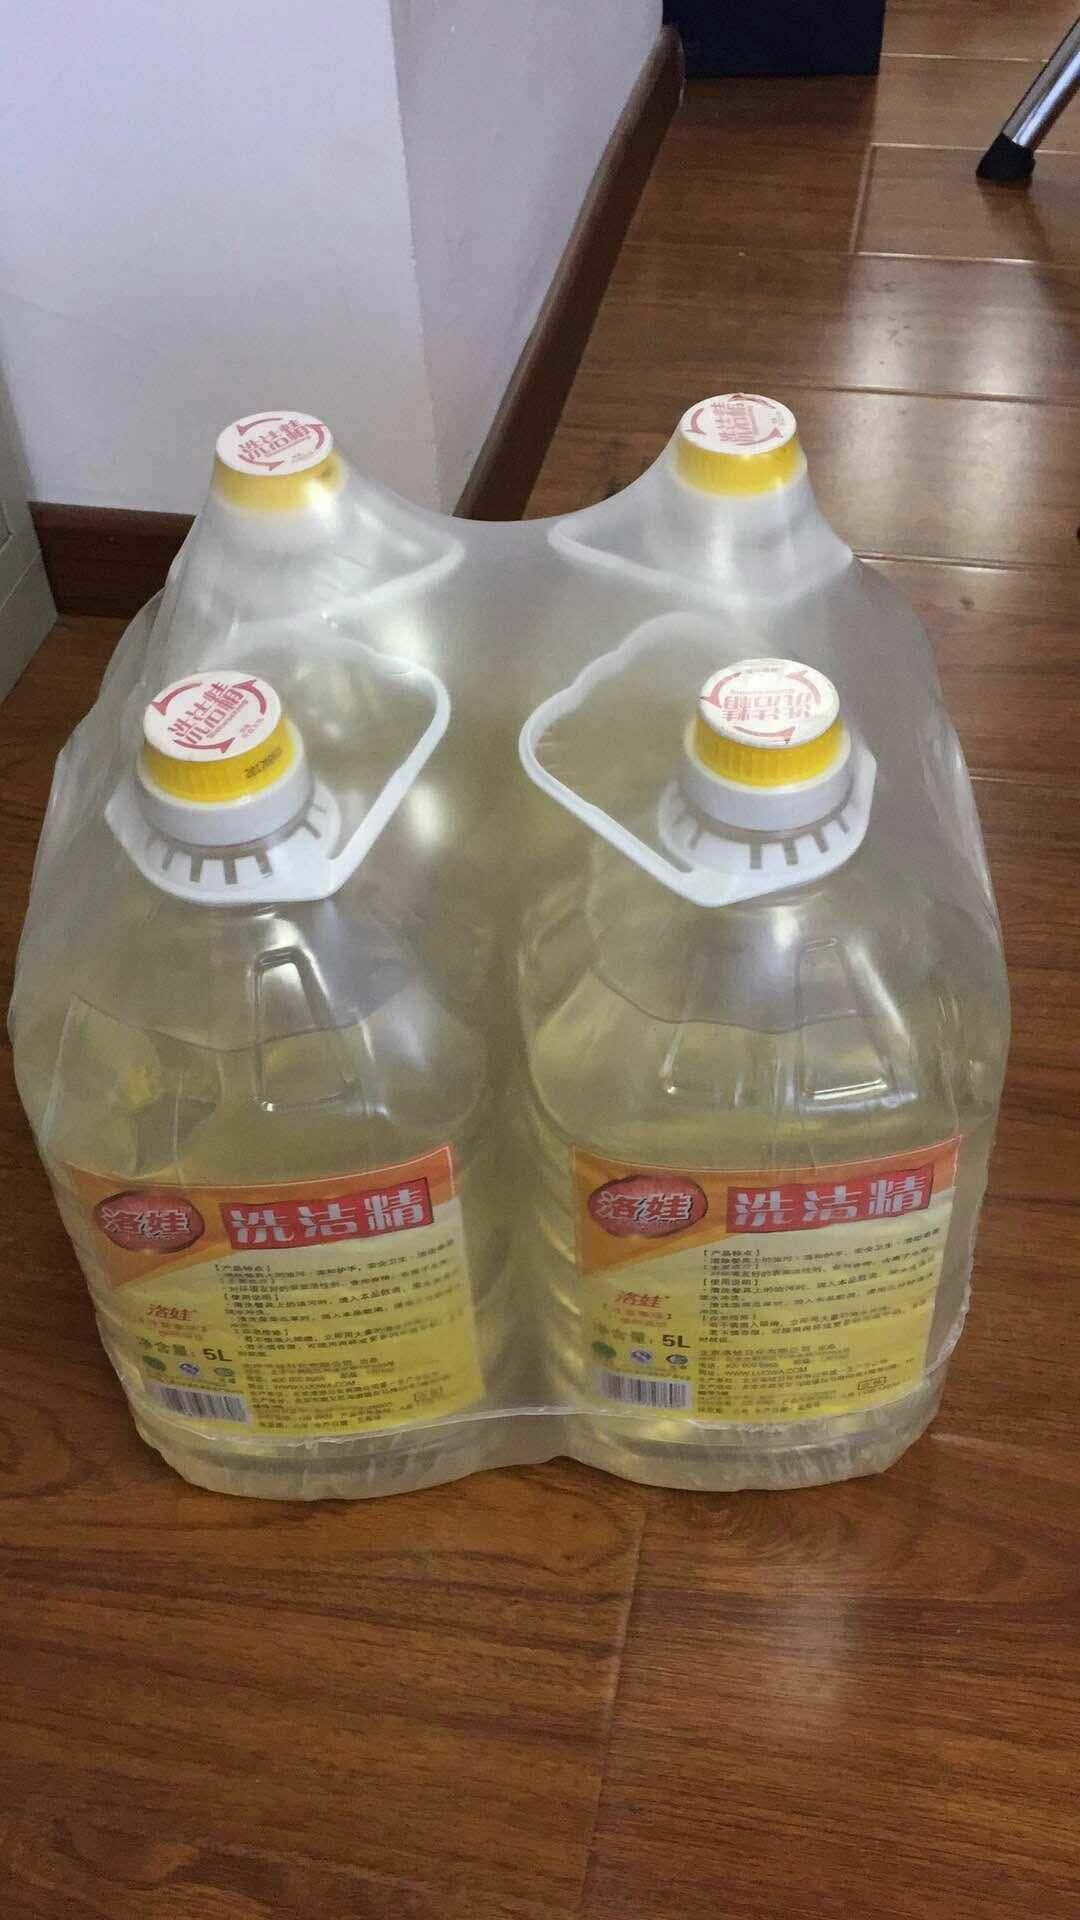 洛娃餐饮专用洗洁精20L/件吉林省代理商